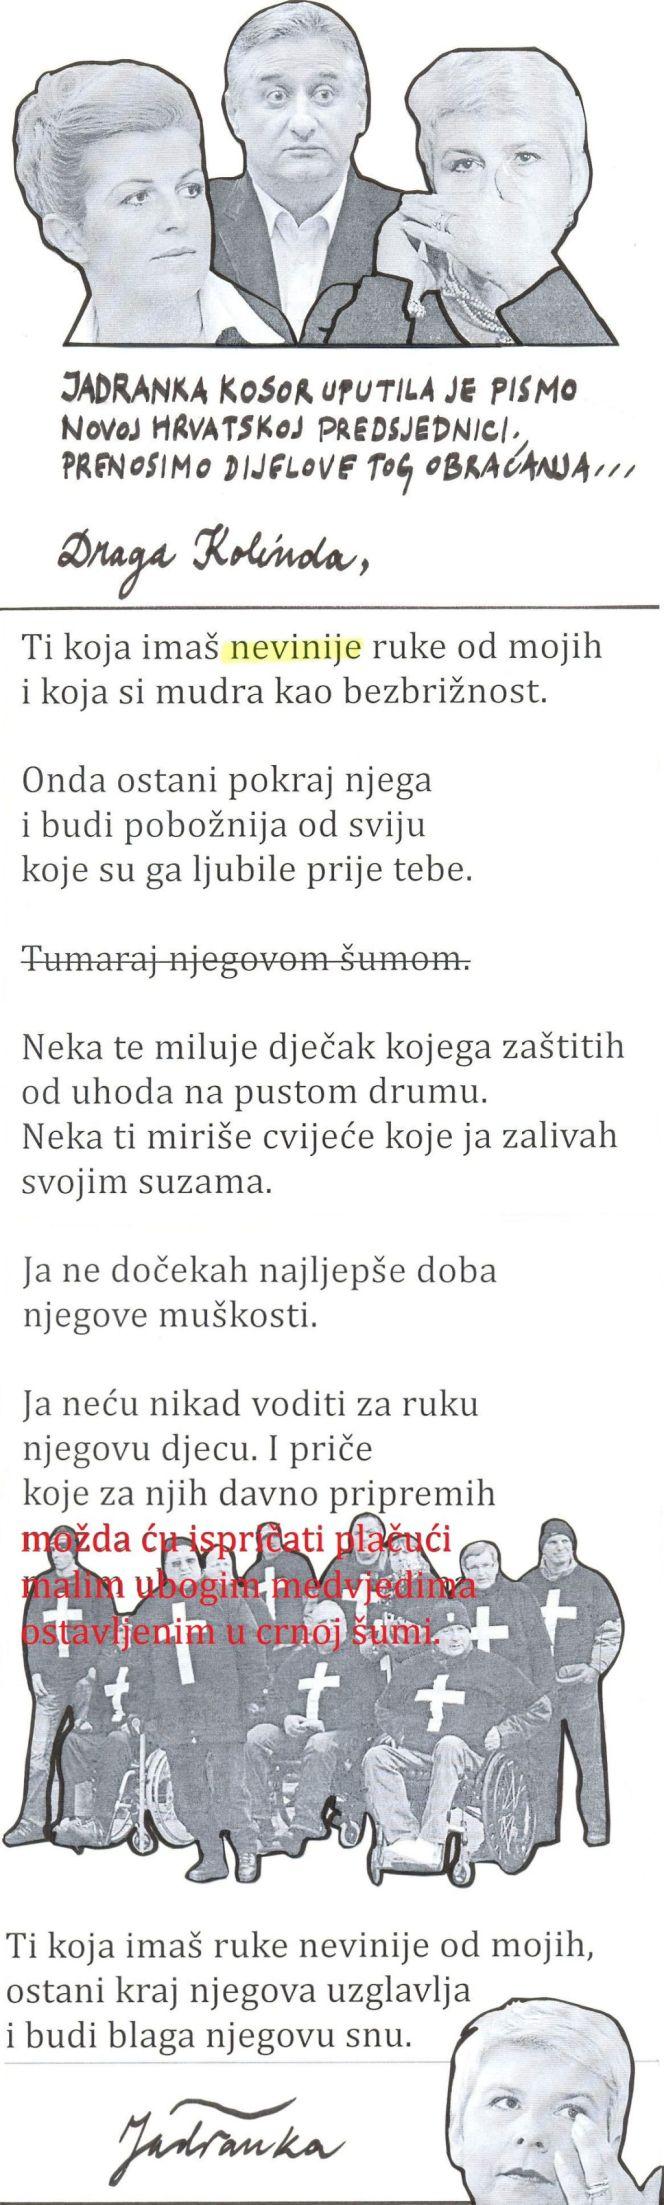 jadranka piše kolindi